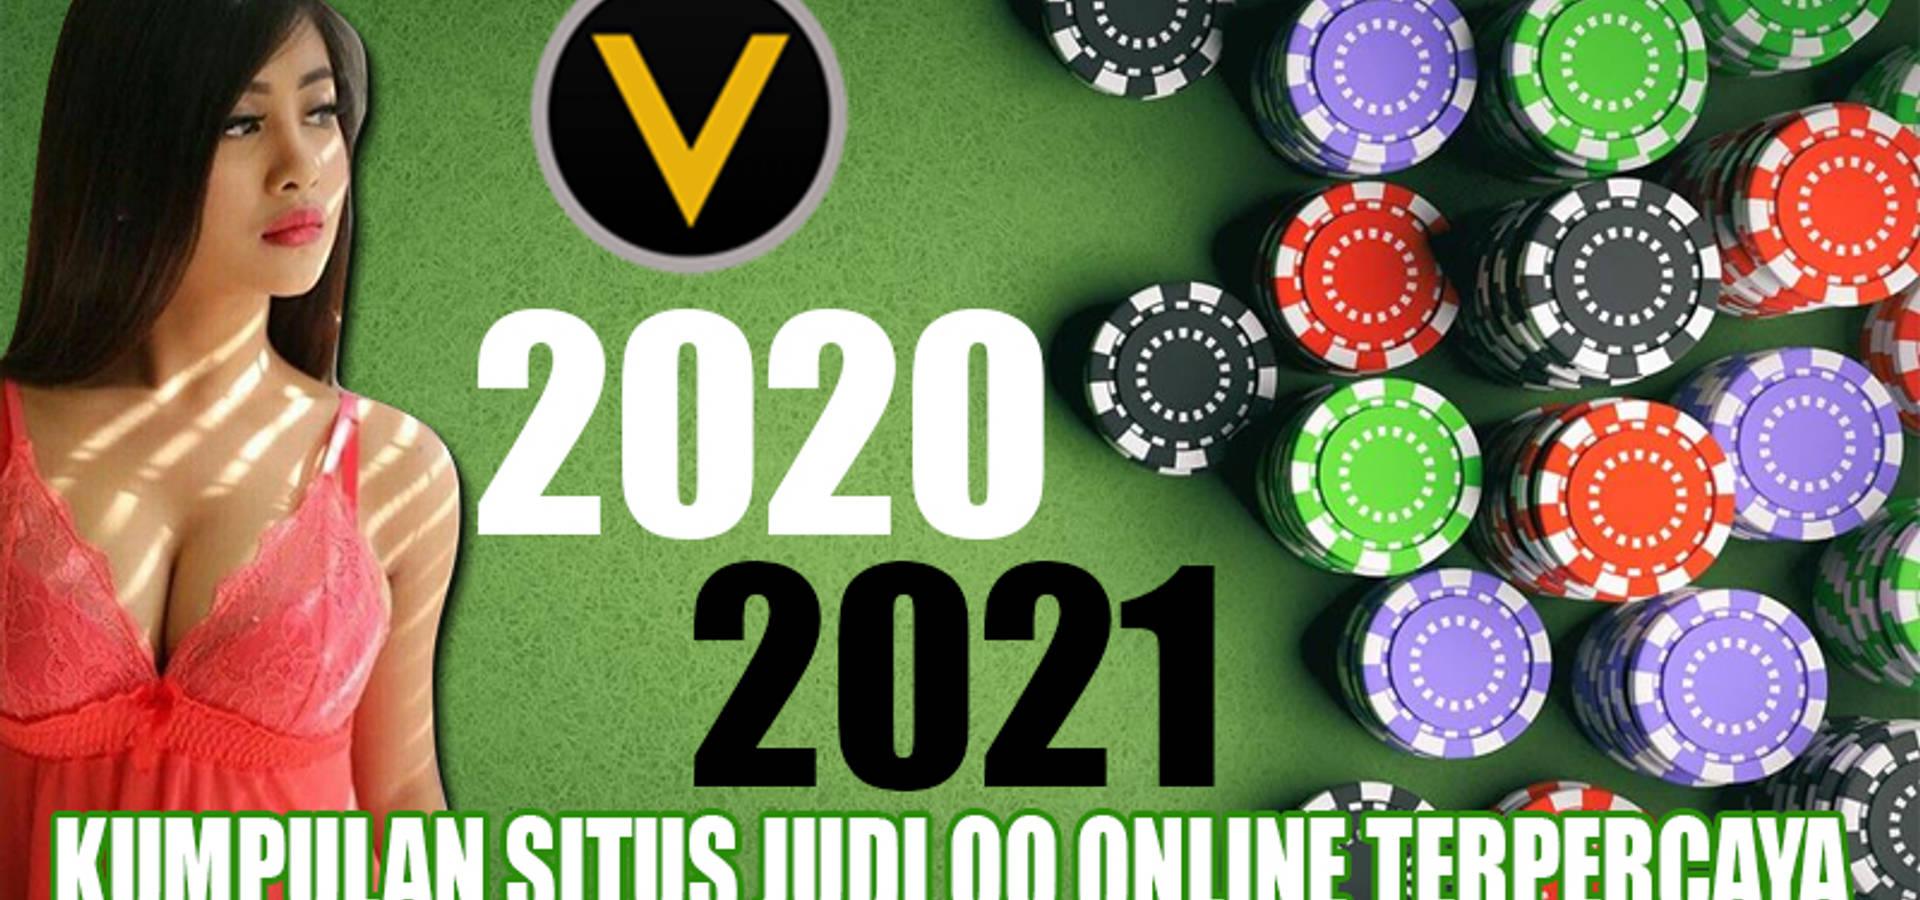 Kumpulan Daftar Situs Online Judi Terbaik 2020 - 2021 | homify